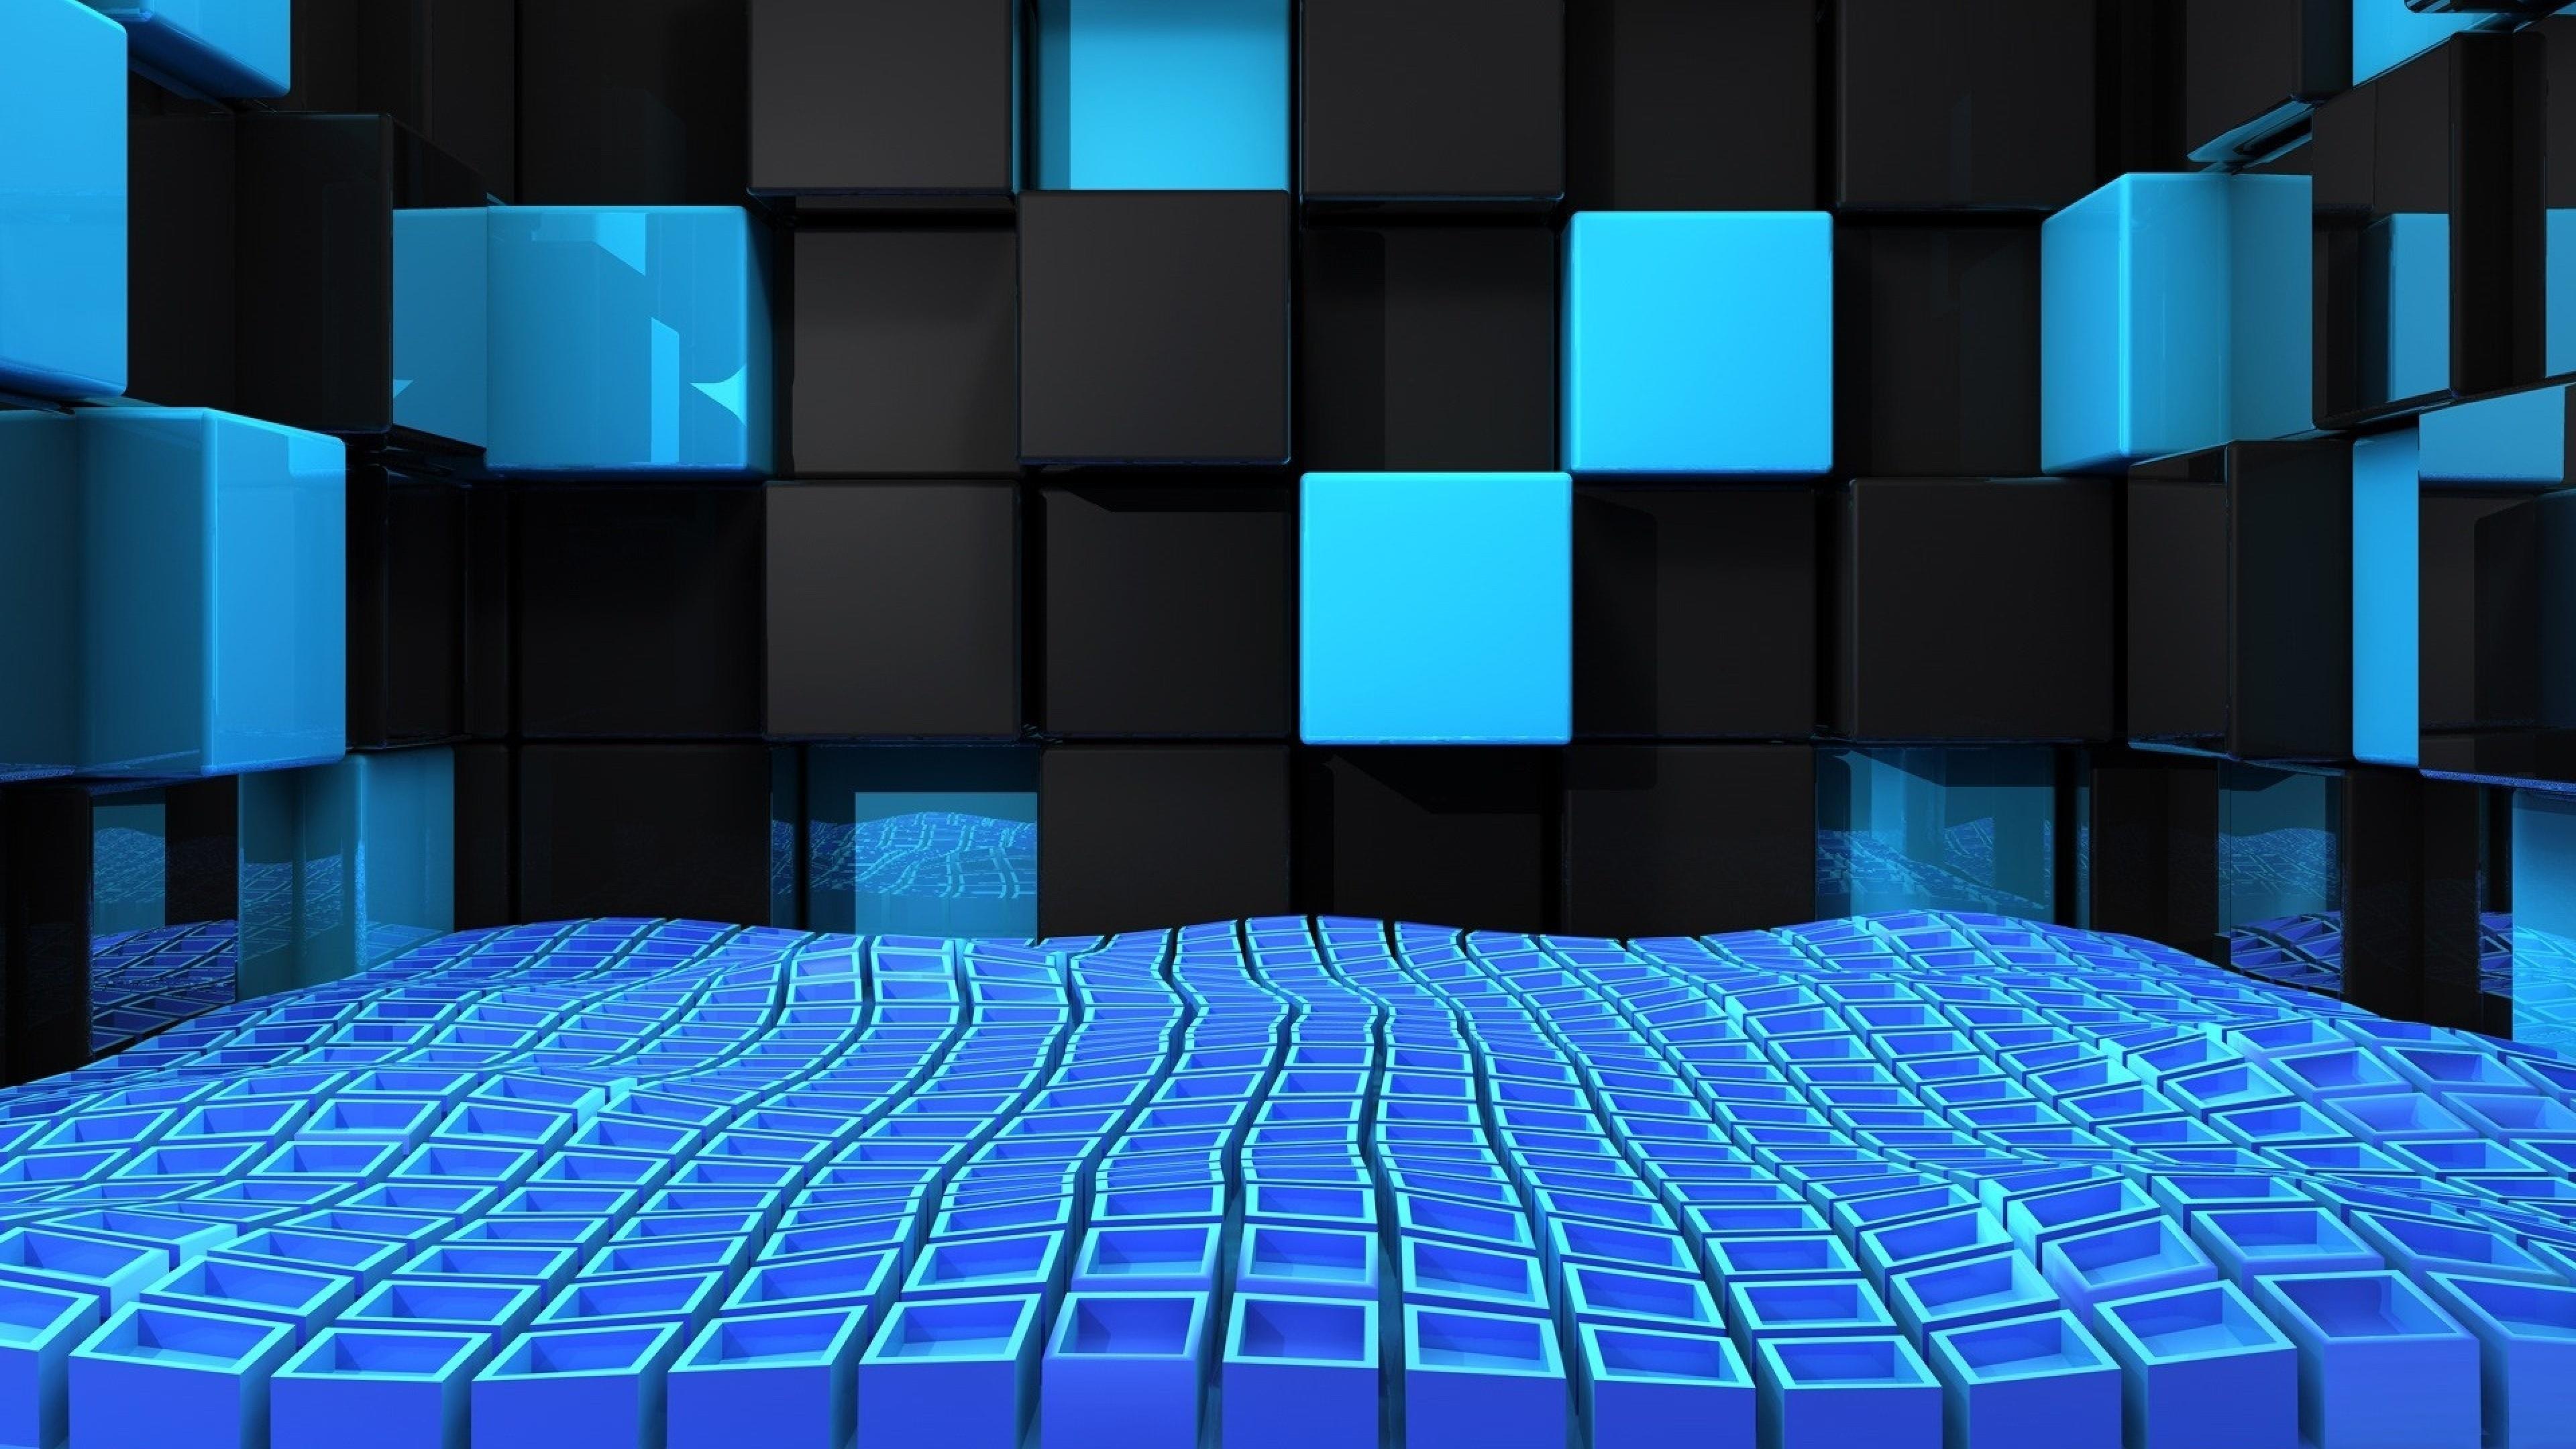 3D cubes computer graphics wallpaper